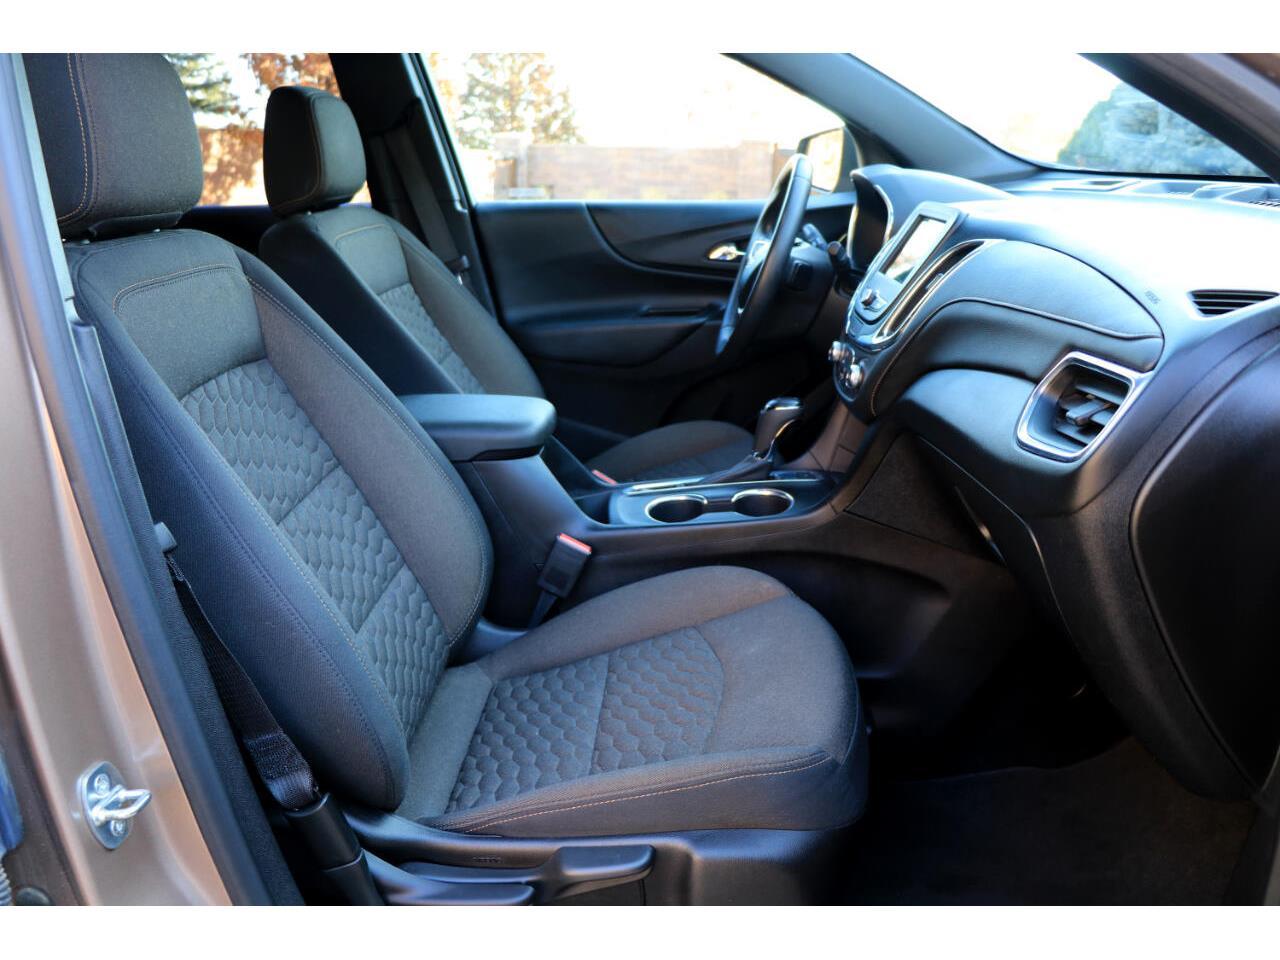 2019 Chevrolet Equinox (CC-1420050) for sale in Greeley, Colorado